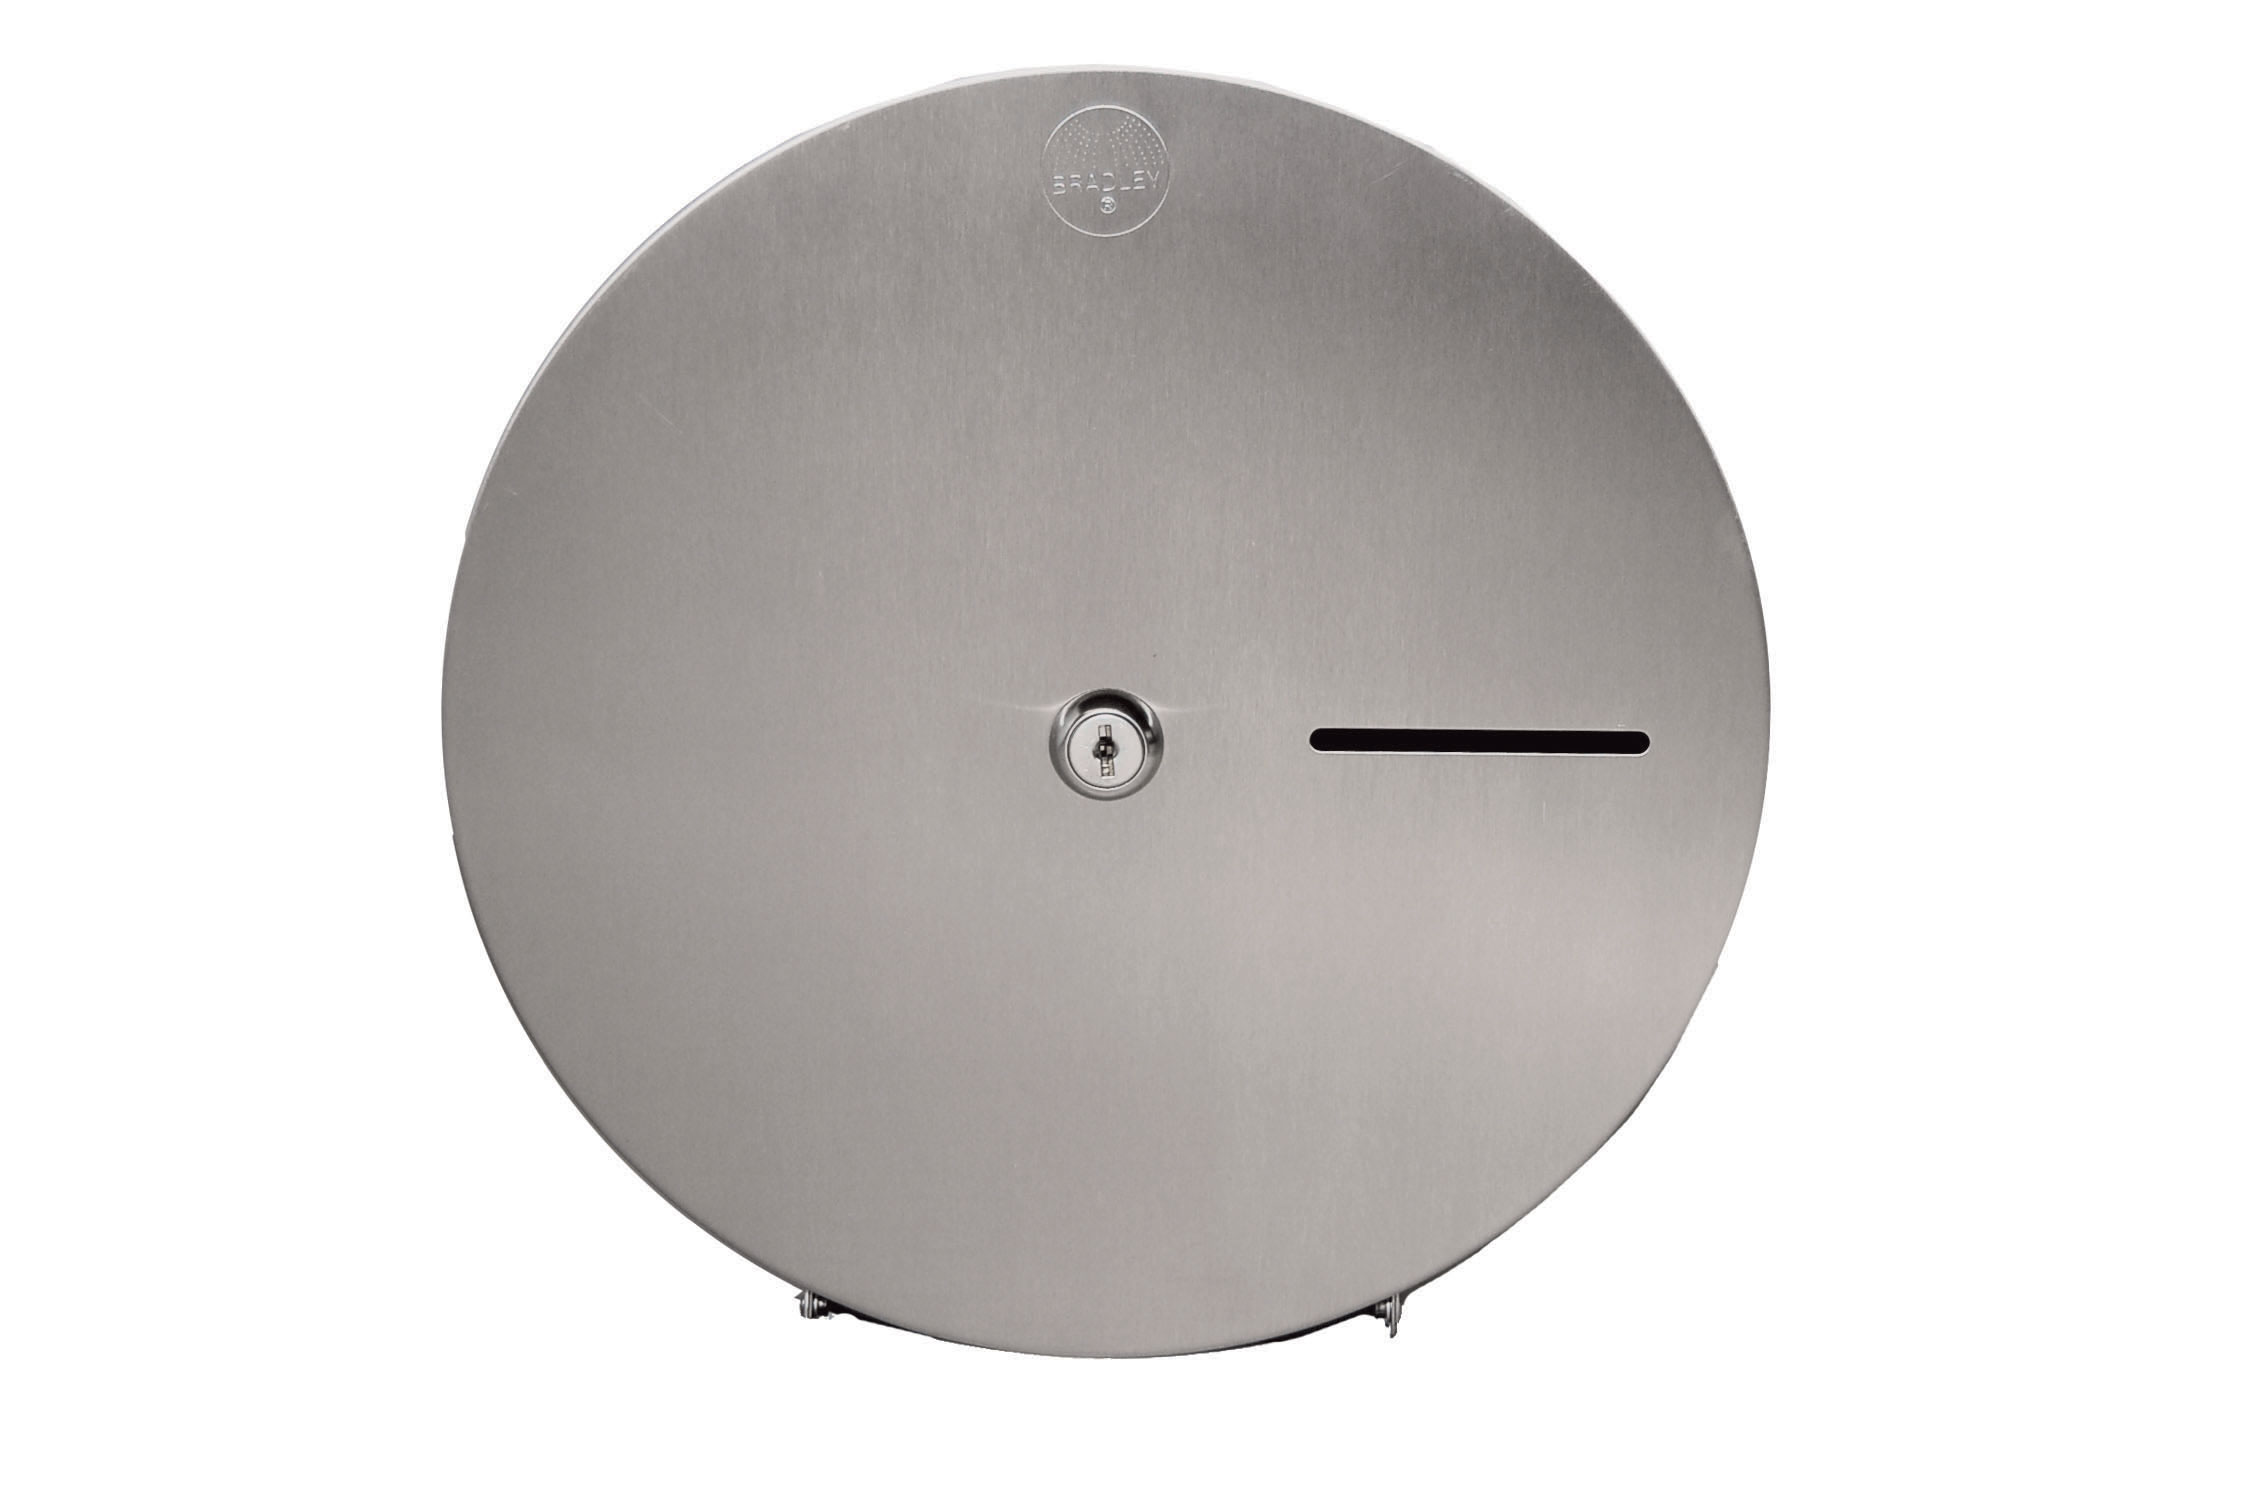 Bradley 5424 Single Roll Jumbo Toilet Paper Dispenser